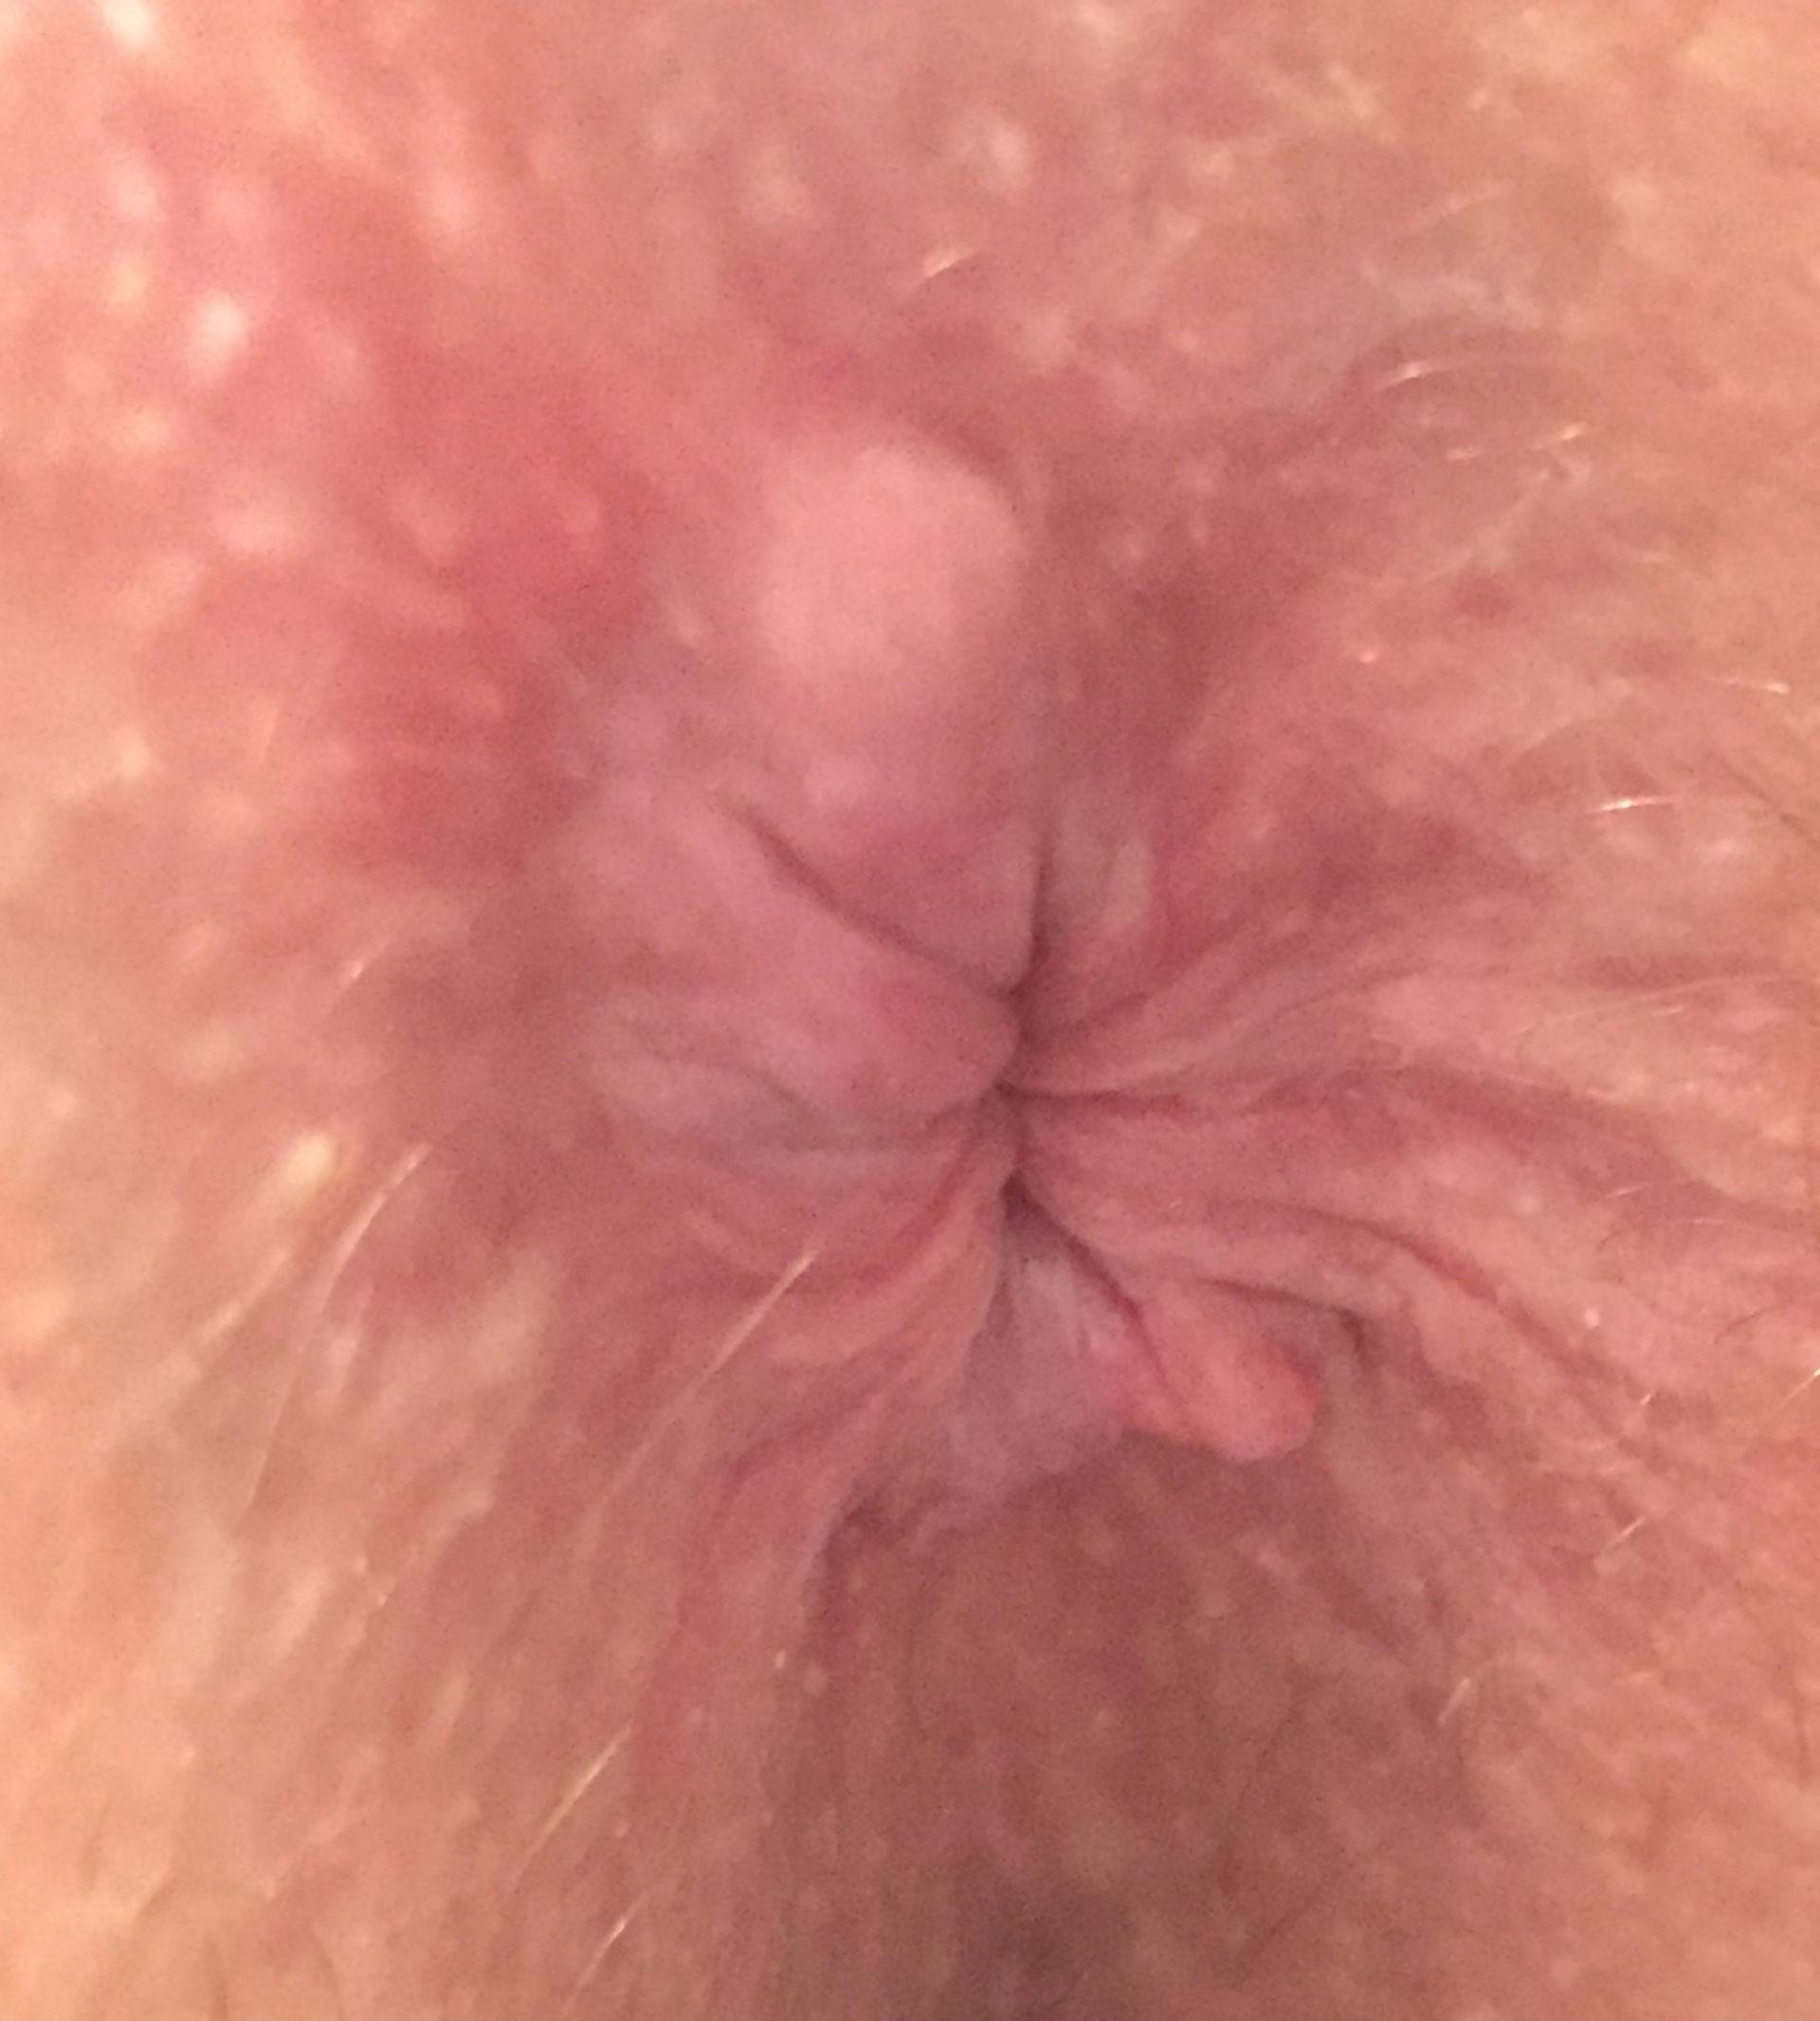 Hemorrhoids or perianal hematoma?